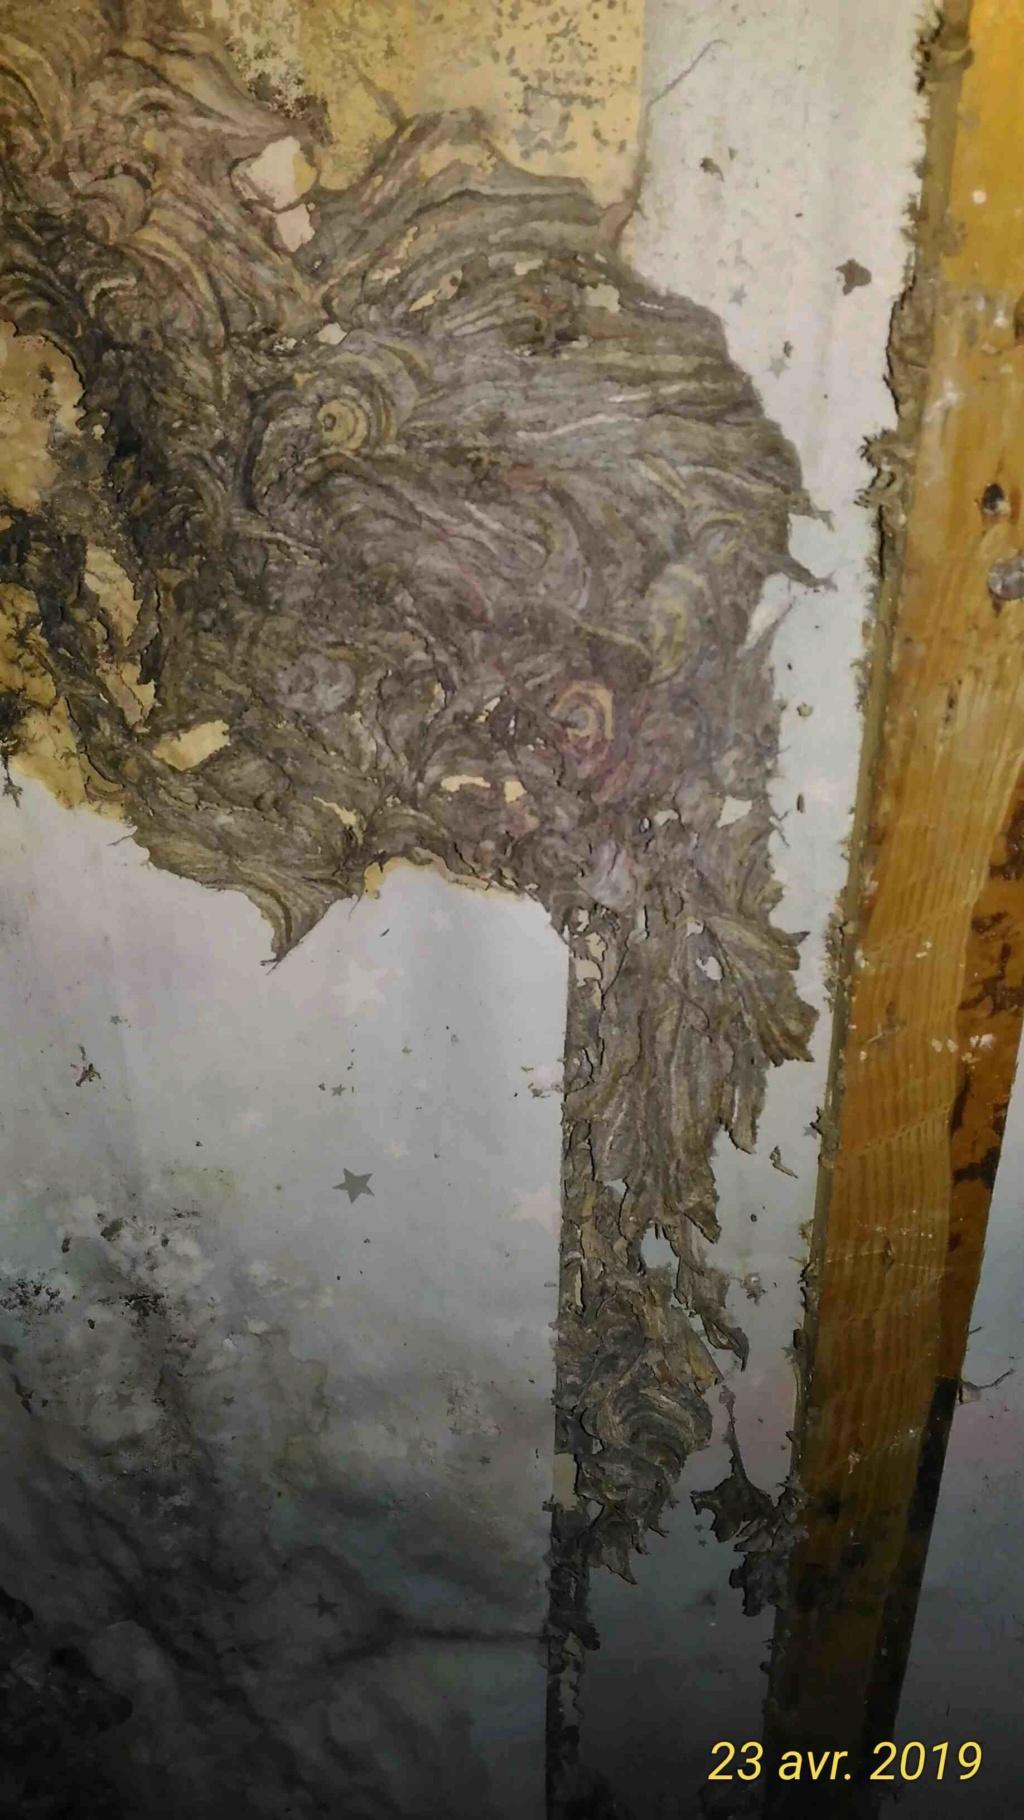 Gros dégâts sur rampant en lambris chambre à coucher _7_tra10